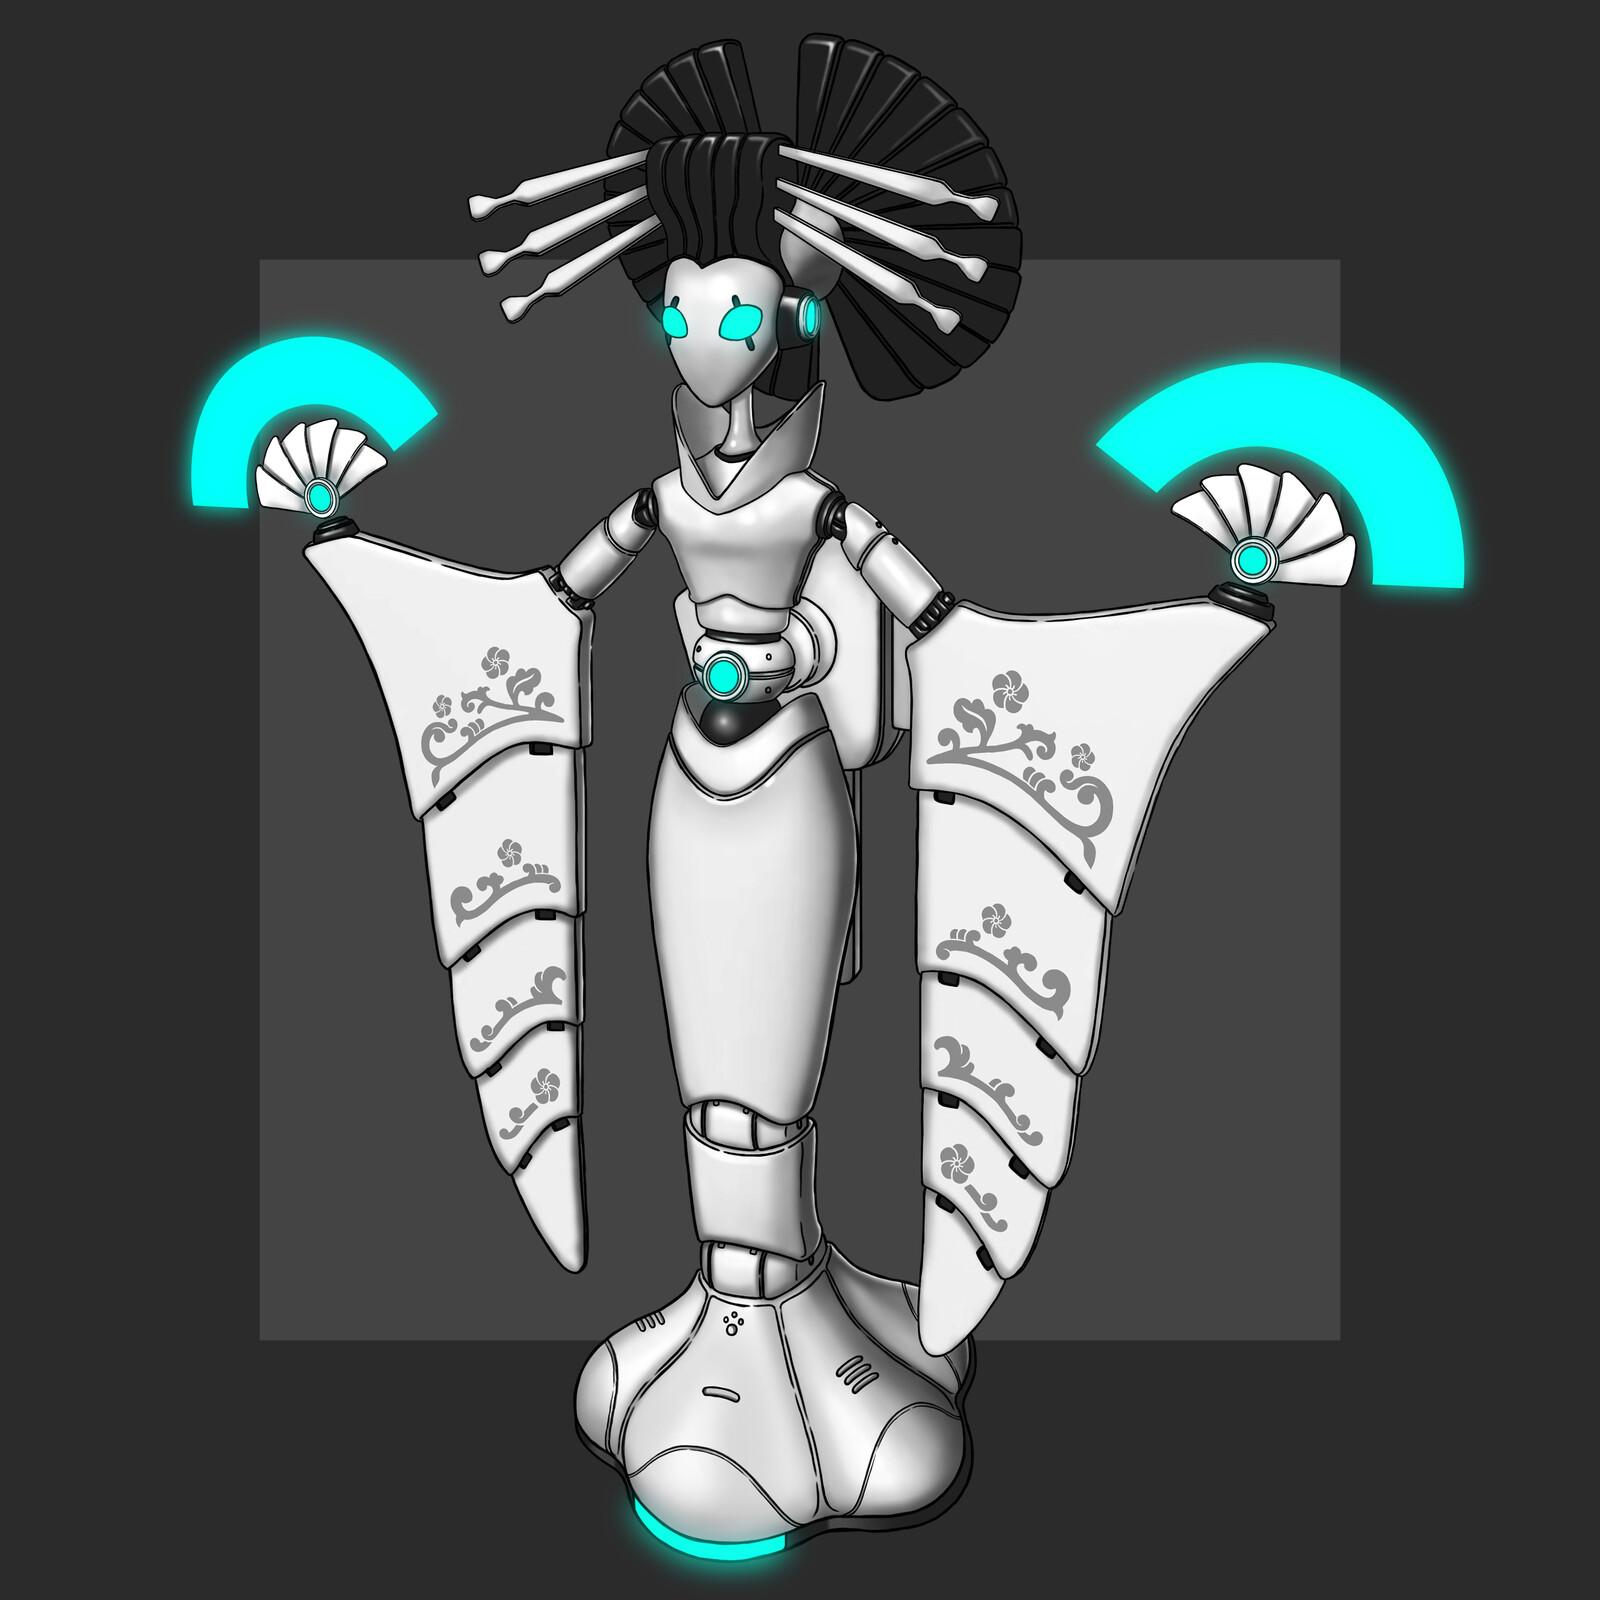 Cyberpunk Onnagata Mech Design